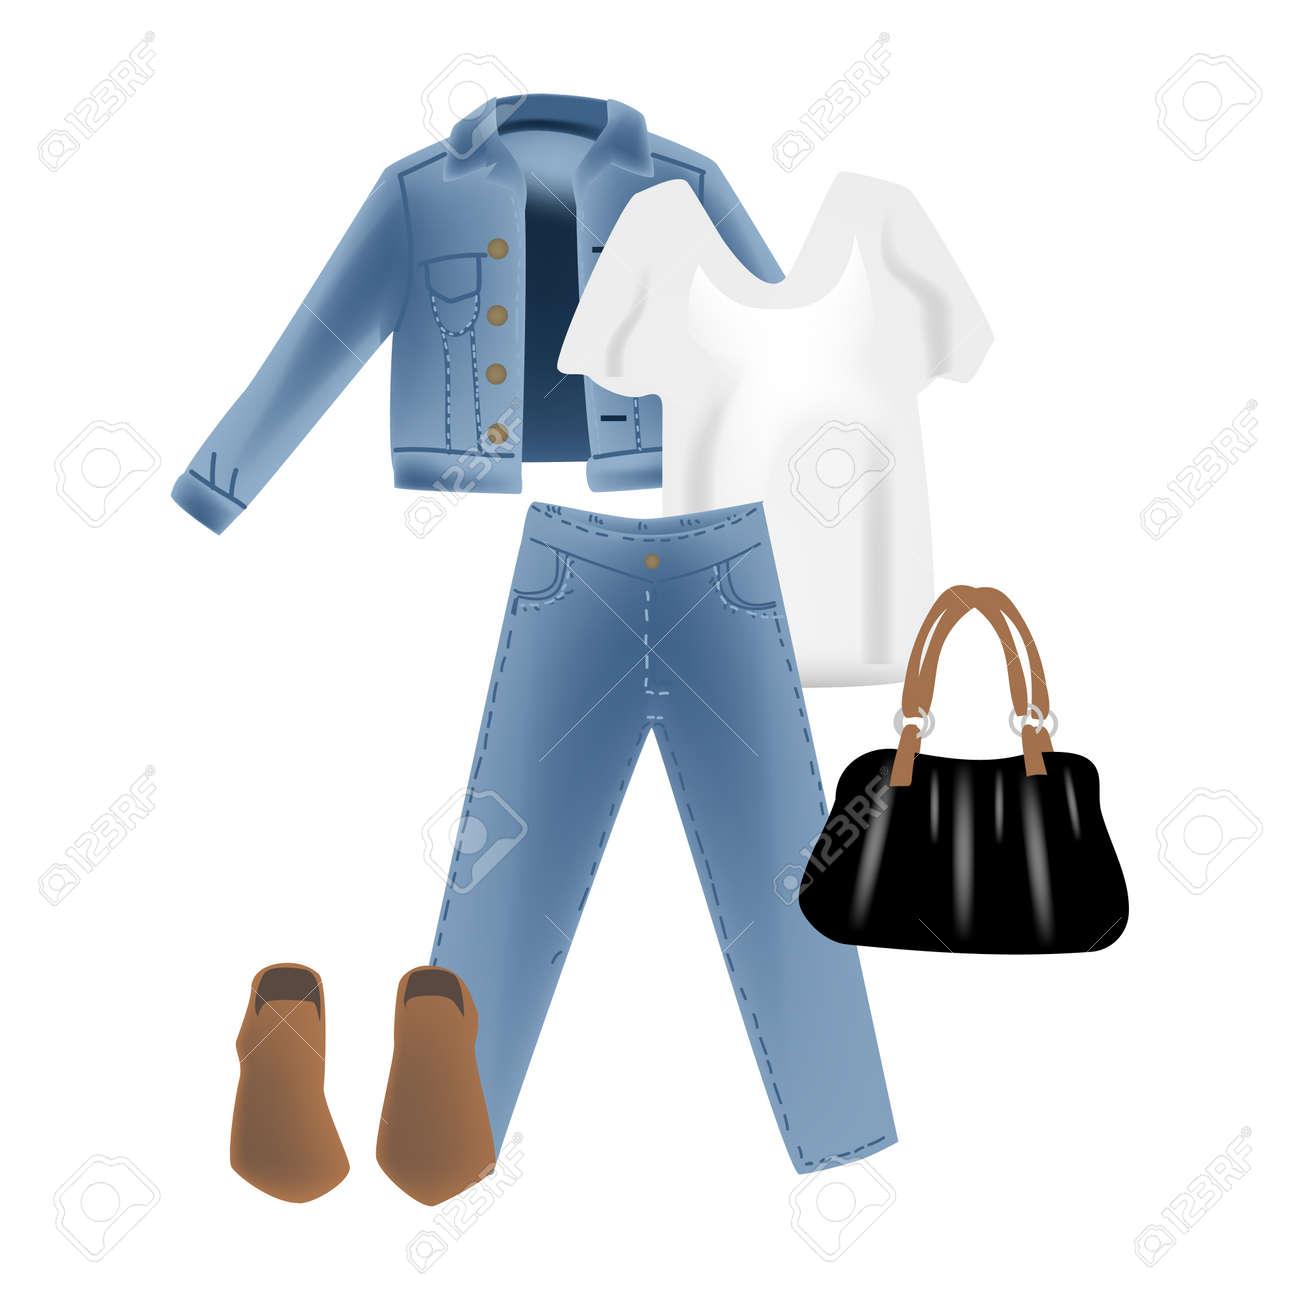 モダンな外観のジーンズ デニム ジャケットとベクトル リアリズム